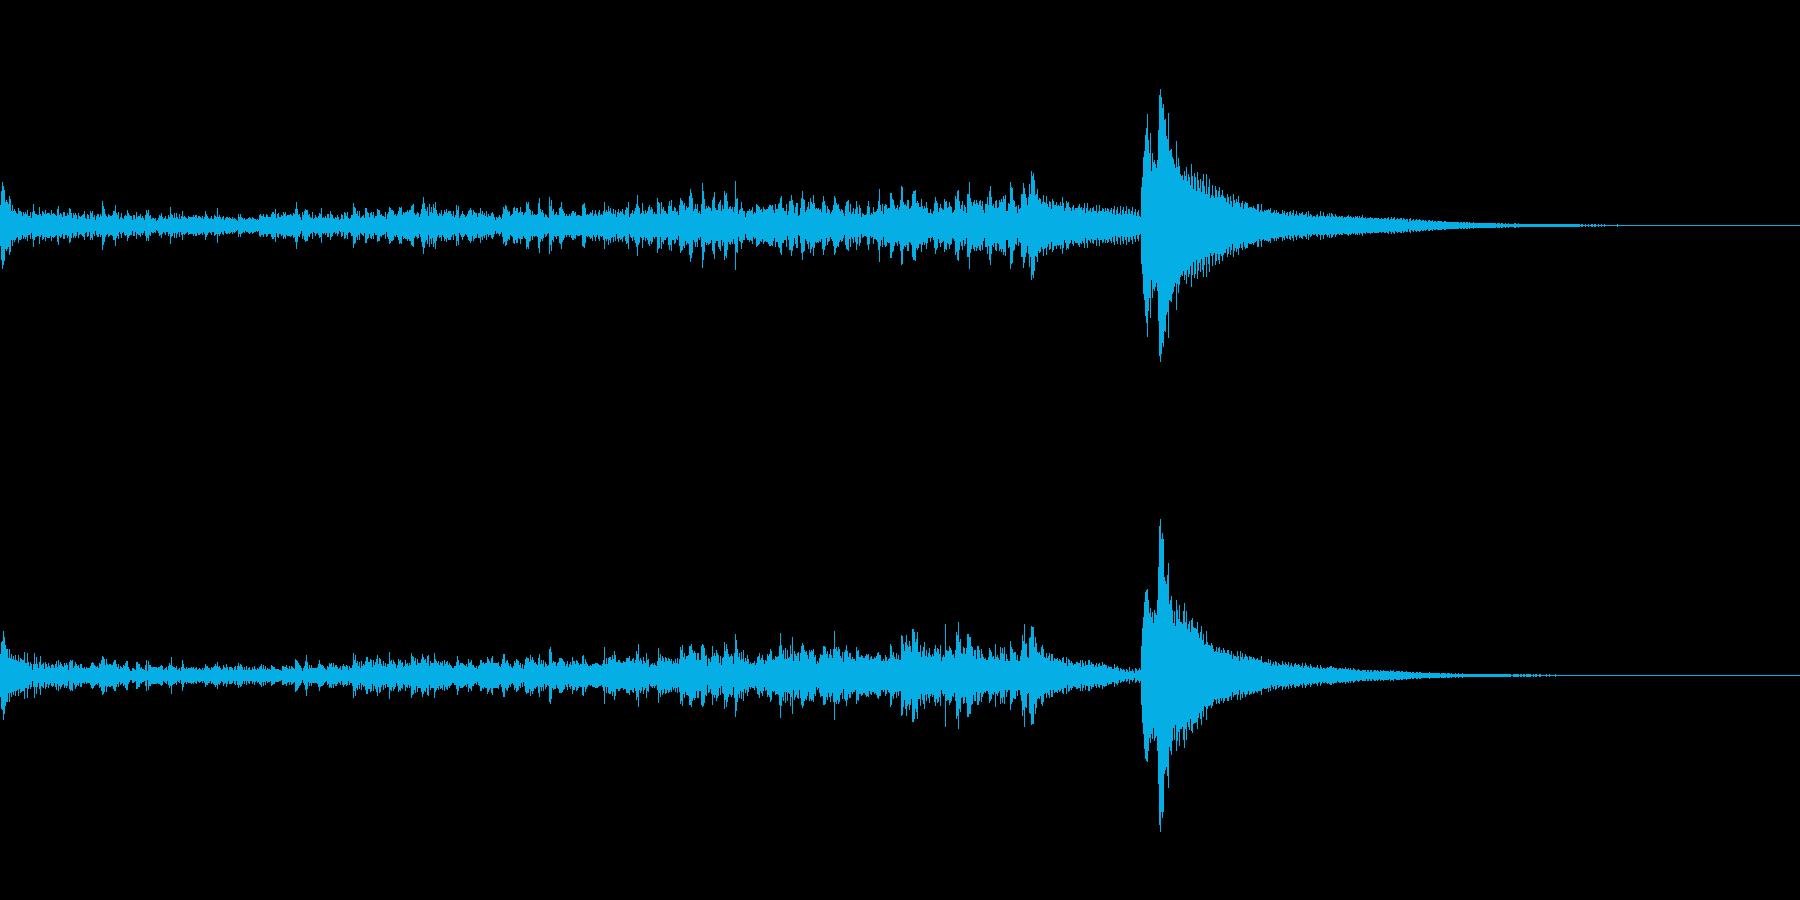 ティンパニーロール長+シンバル☆ドドン1の再生済みの波形